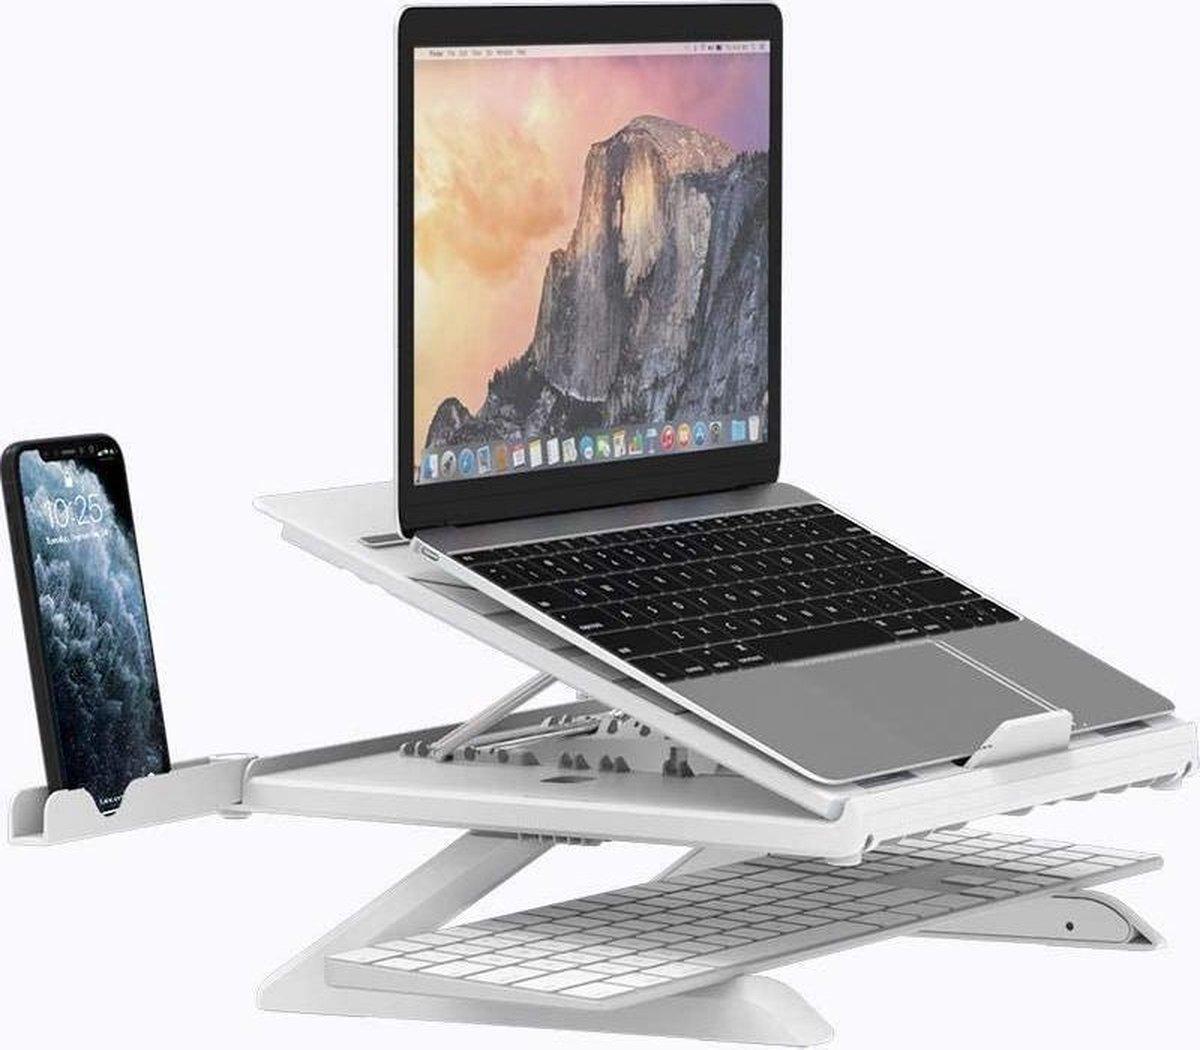 Tronsmart Laptopstandaard, ergonomisch, verstelbaar, voor laptops en tablets, geschikt voor laptop (10-17 inch) zoals MacBook Pro/Air, Surface, Samsung, HP, iPad